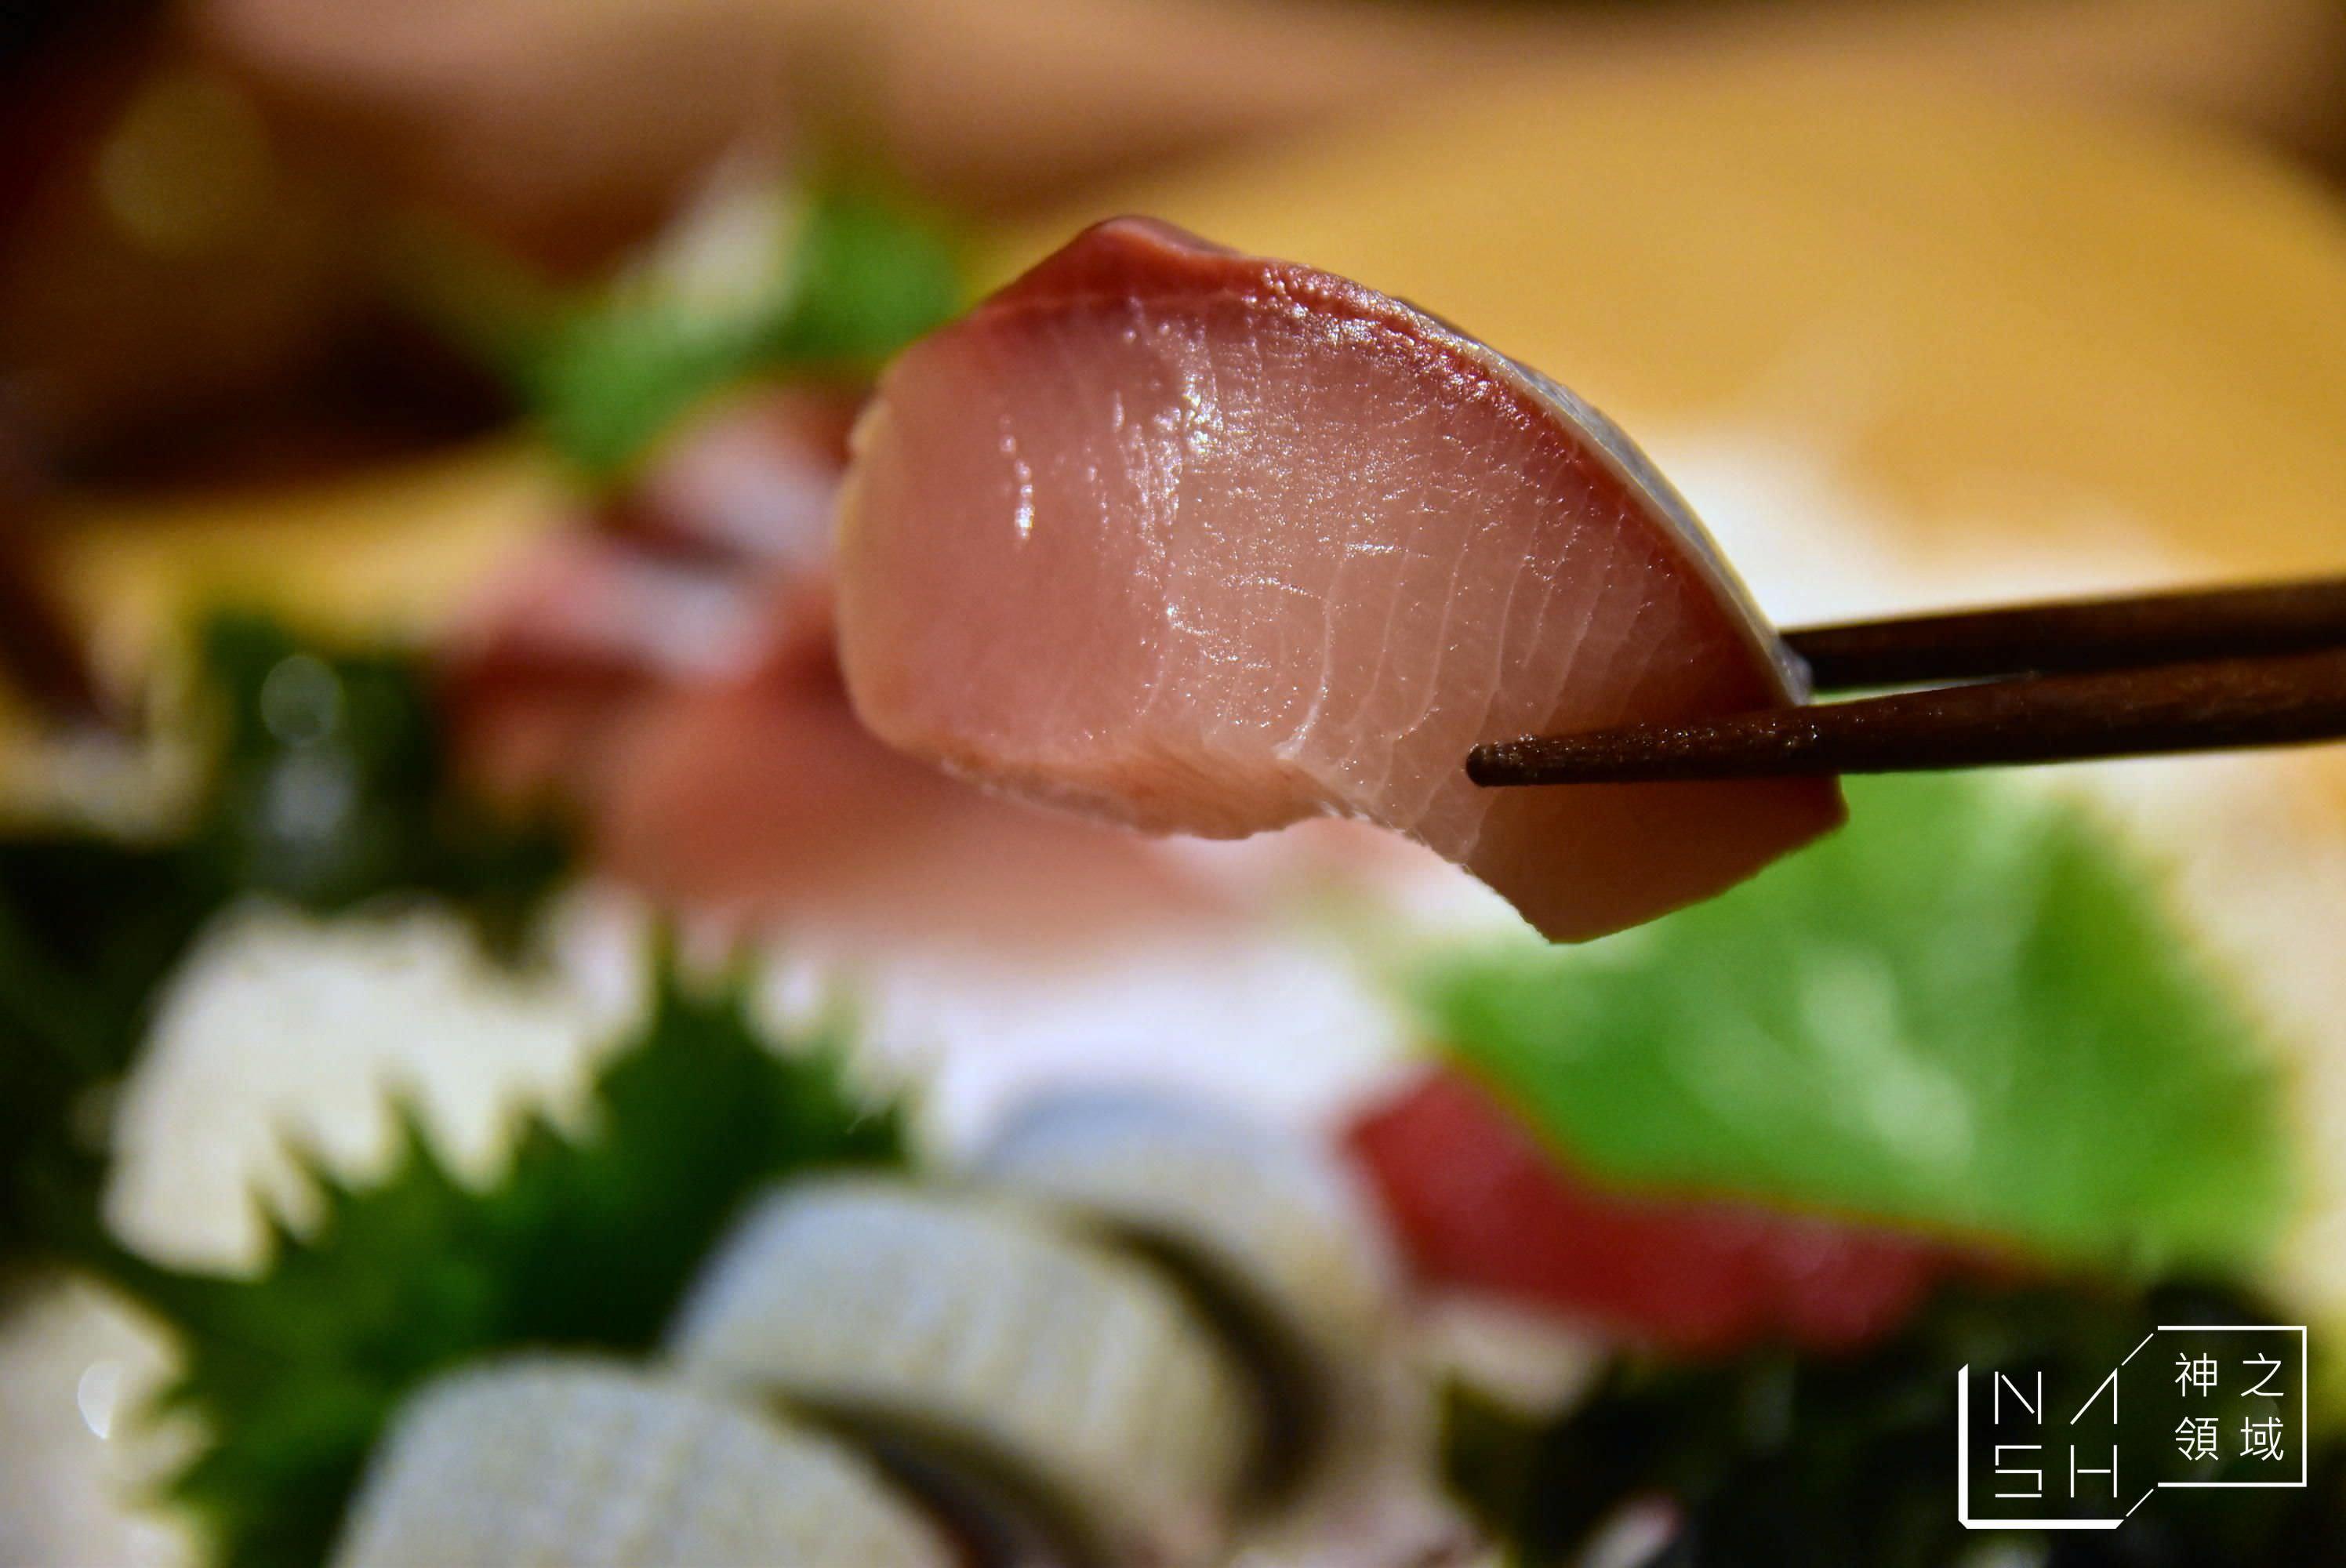 官邸水產日本料理,官邸無菜單,官邸多桑 @Nash,神之領域